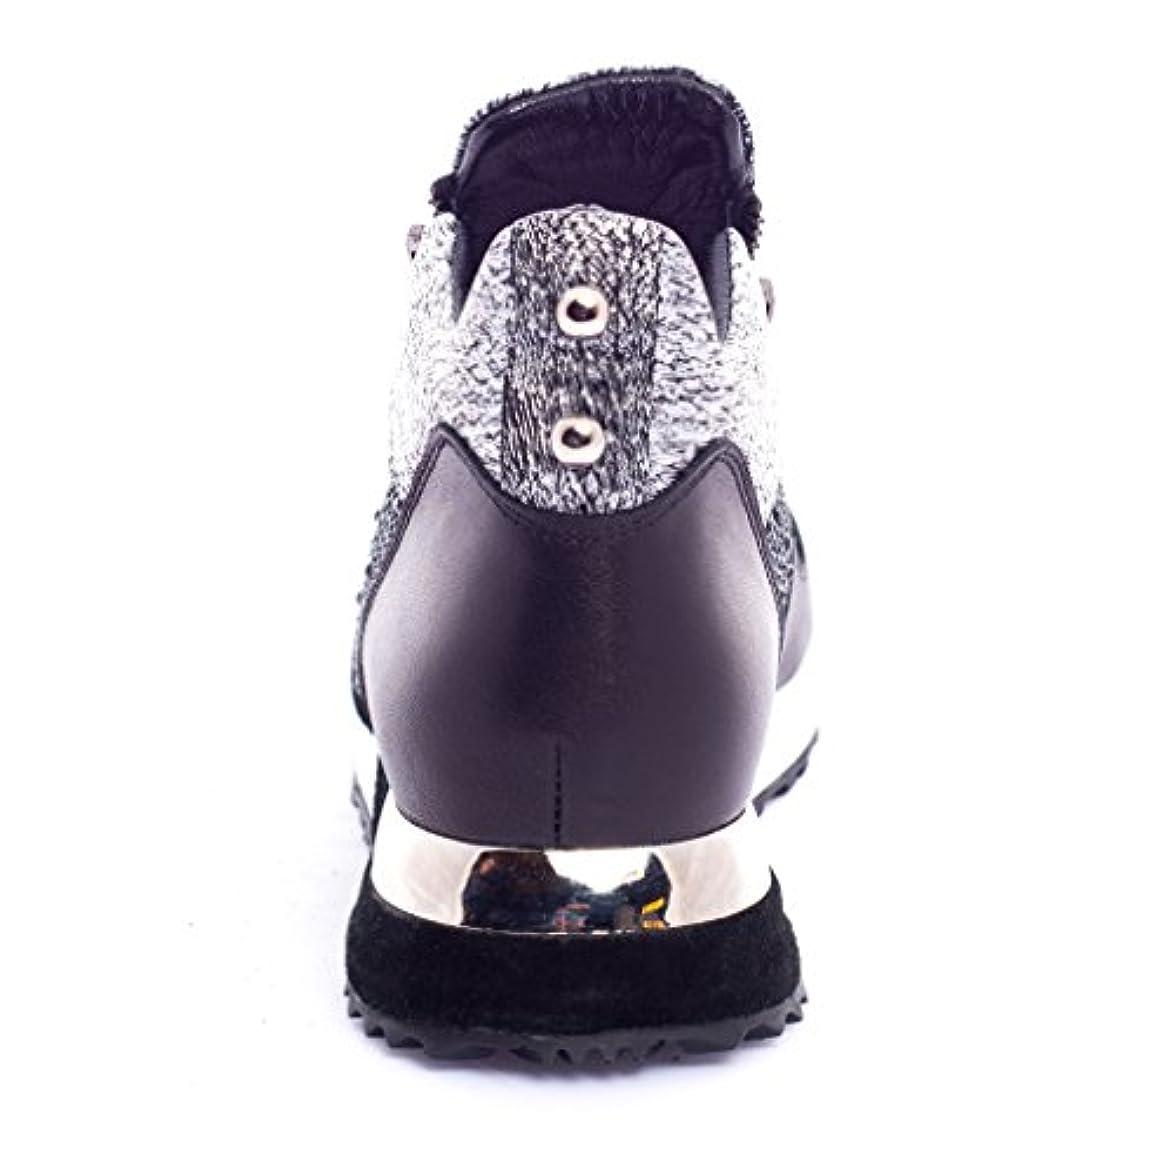 Moda Con Strass Sneakers Victoria Collezione Boberck Donna